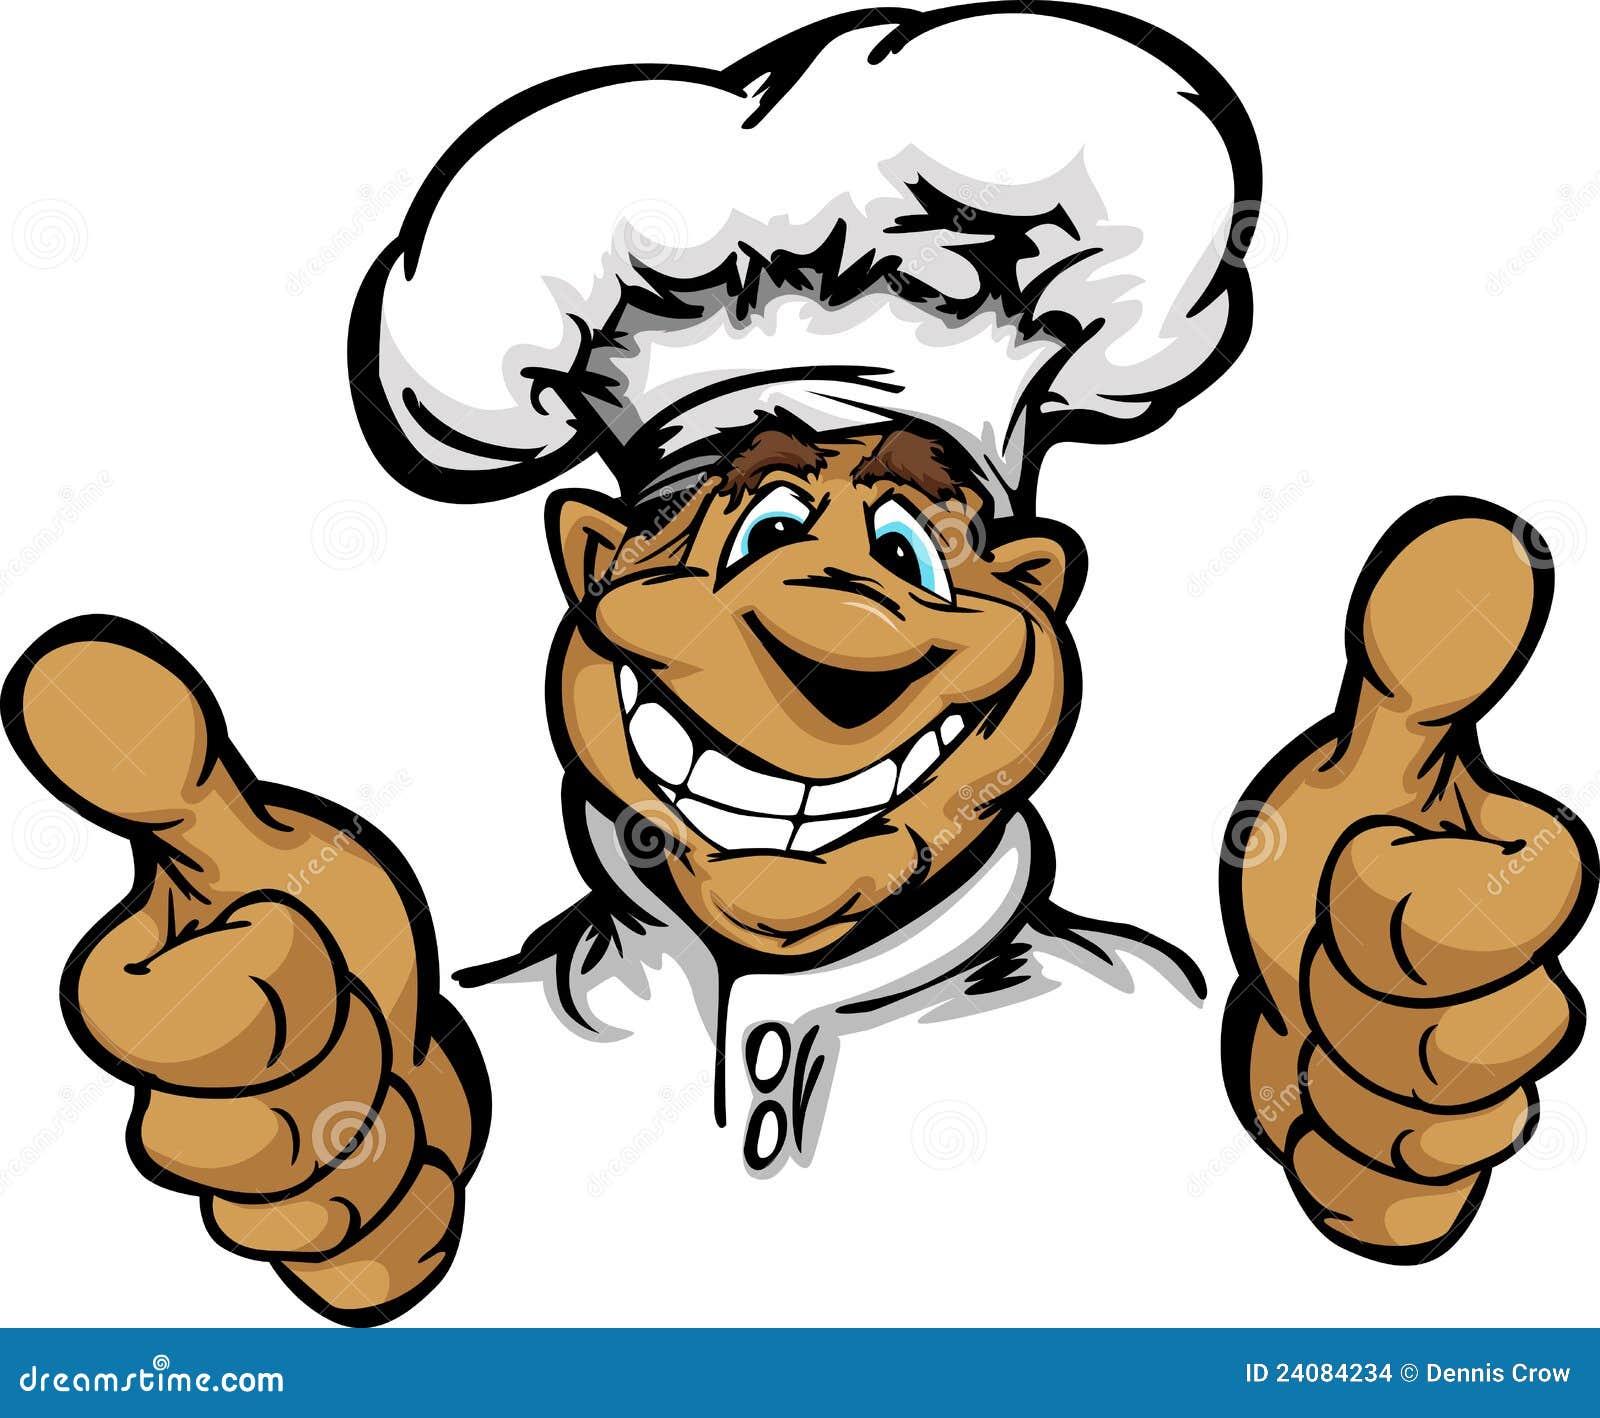 #14A0B7 Imagens de Stock: Cozinheiro chefe de sorriso da cozinha dos desenhos  1300x1169 px Nova Cozinha Desenhos Imagens_617 Imagens